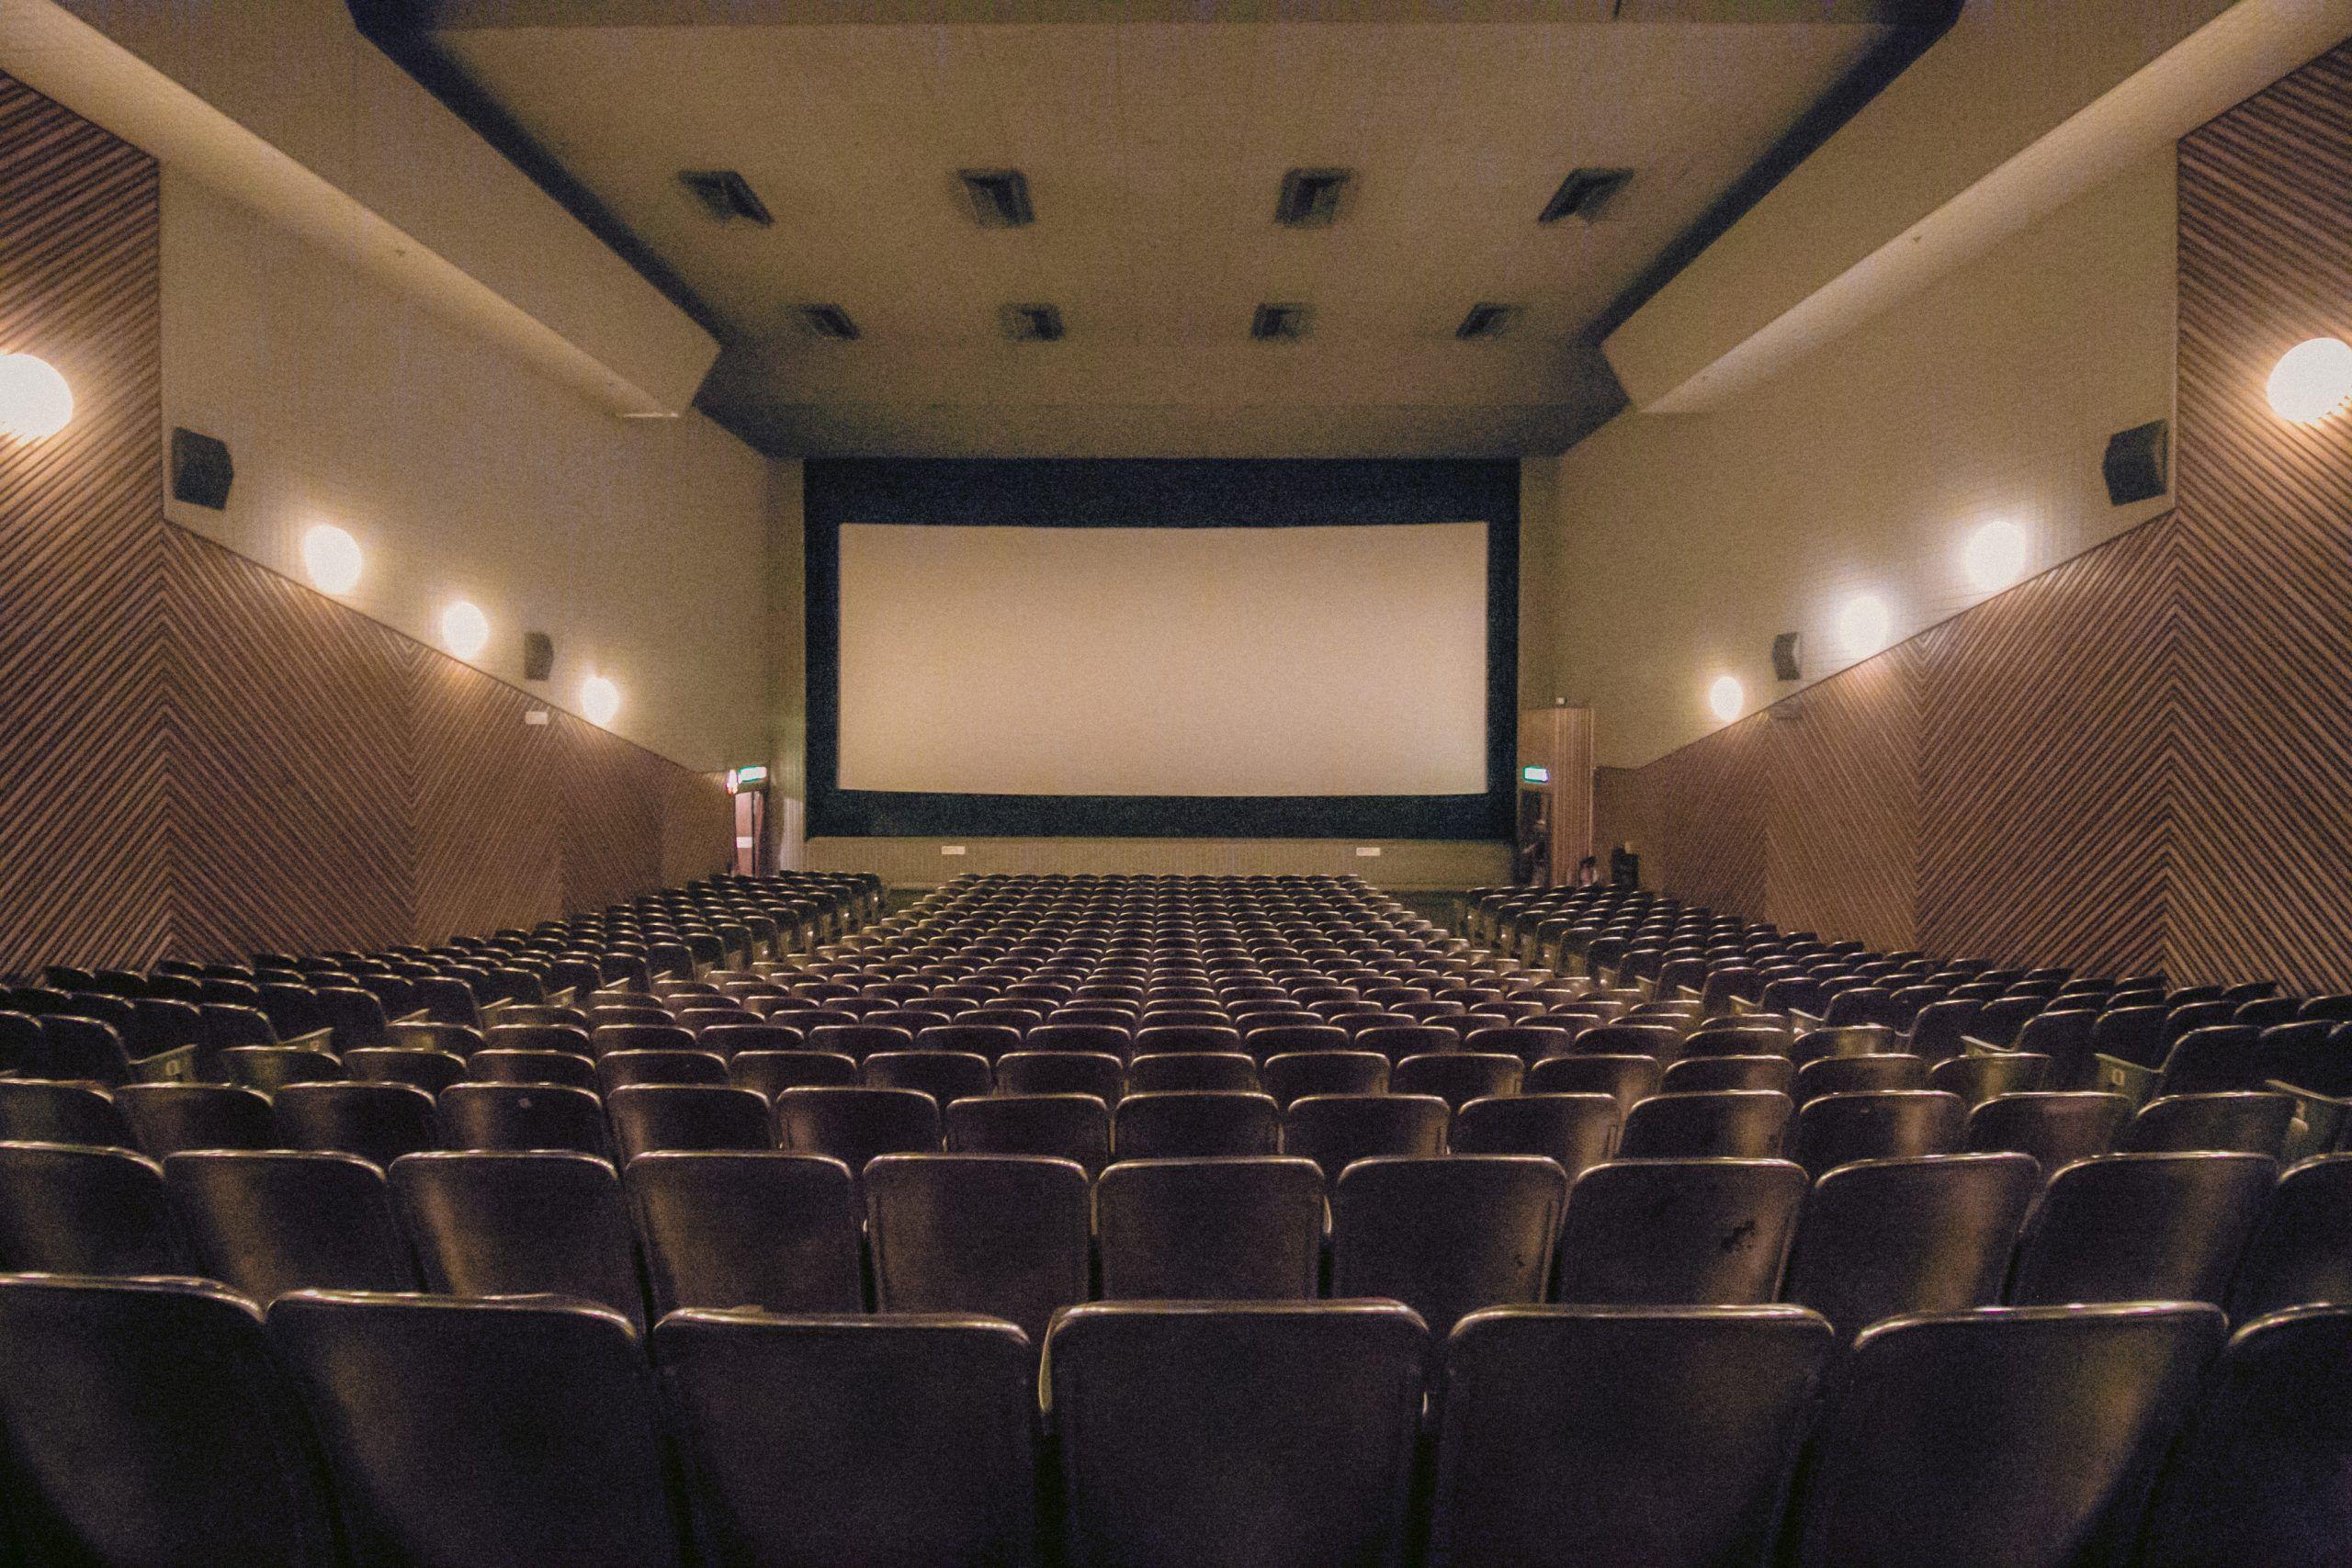 Vai ser possível reservar salas de cinema em Portugal para ver filmes em privado, com amigos ou família